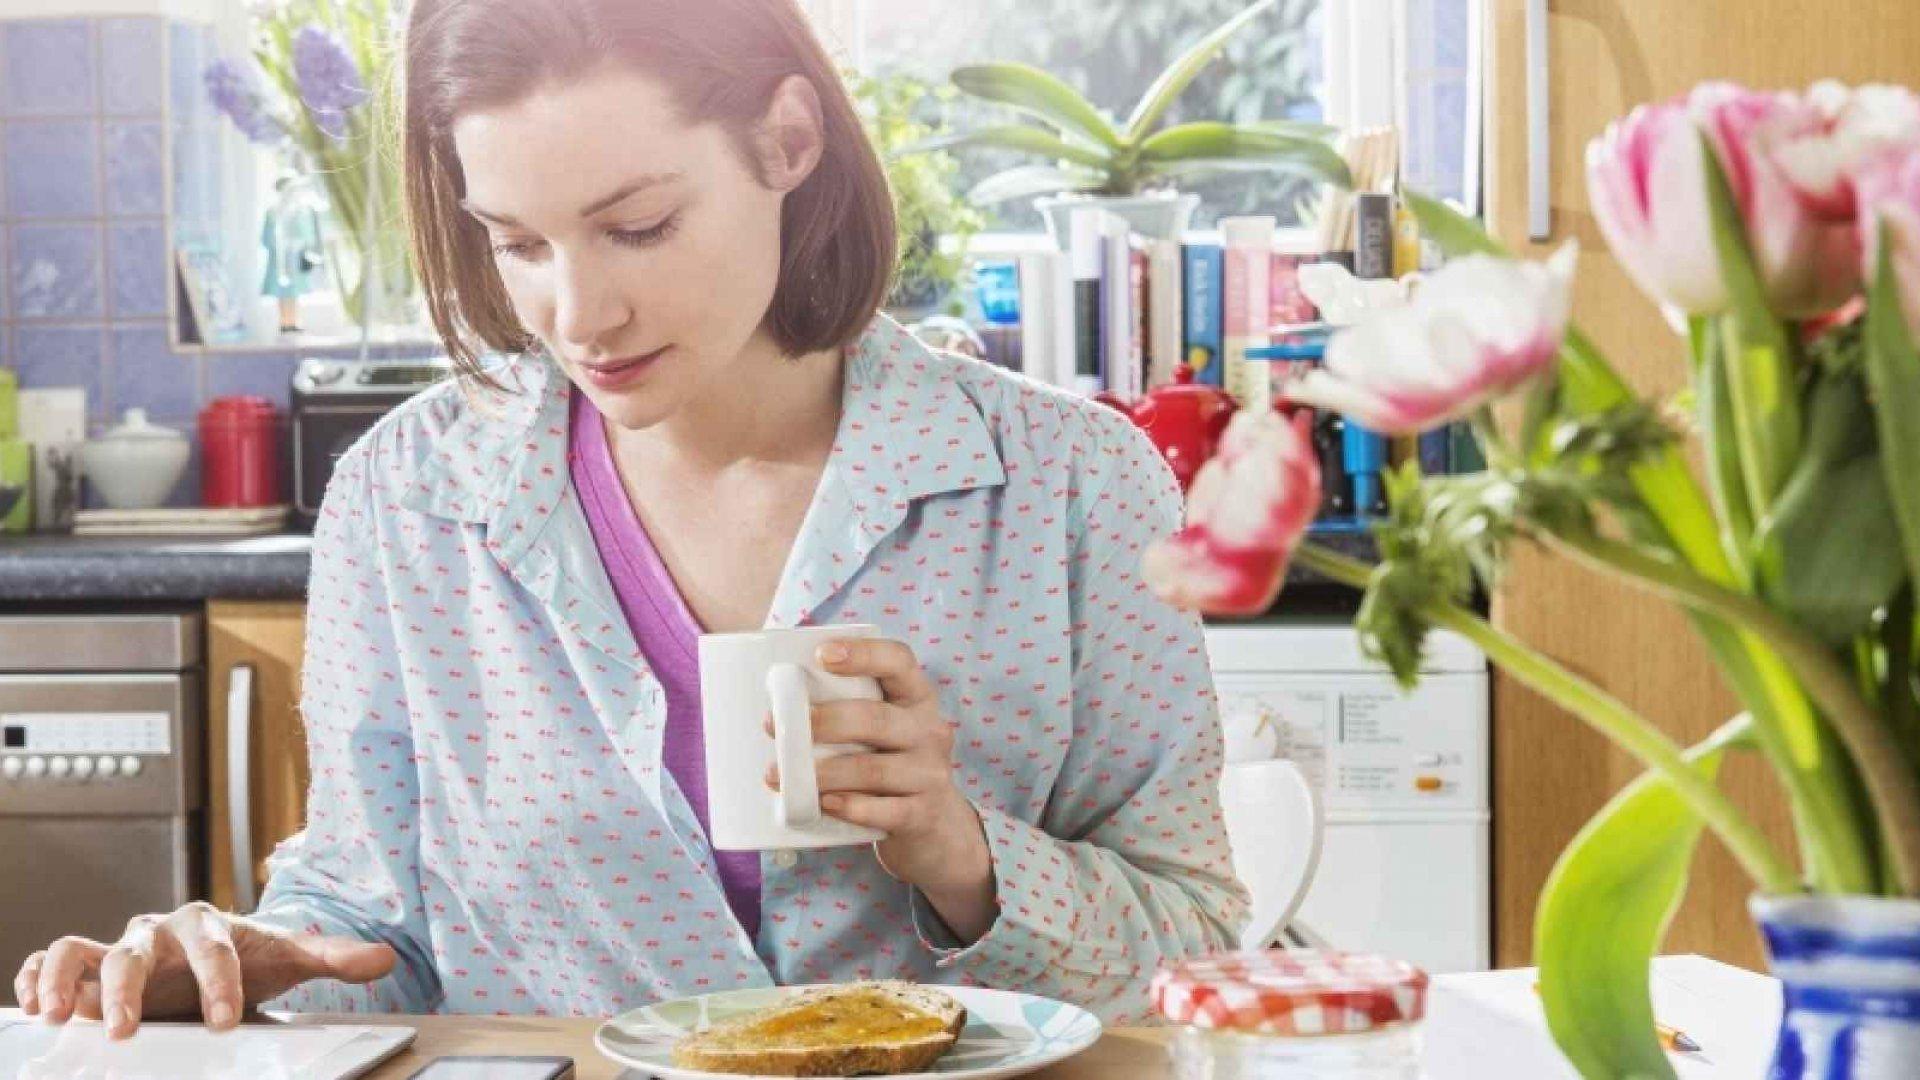 7 Things Successful People Always Do Before Breakfast